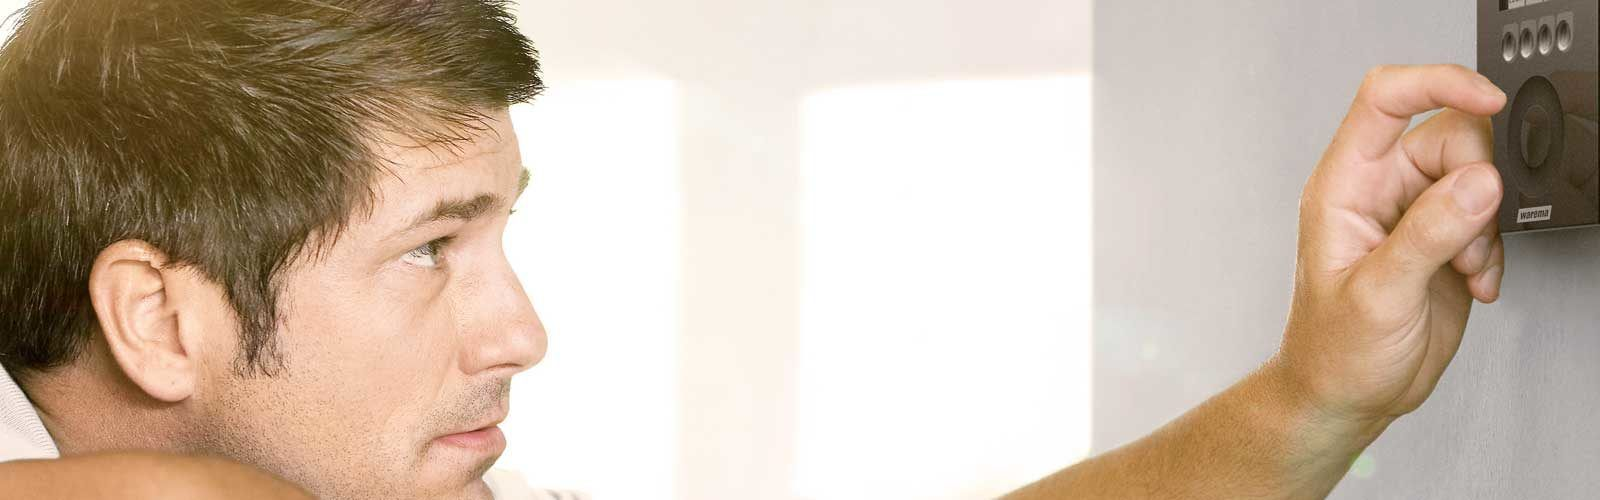 Technik | SAGA Raumausstattung ist seit 50 Jahren Spezialist für Gardinen, Bodenbelag, Sonnenschutz, Sonnensegel, Markisen, Pergola, Rolladen, Insektenschutz, Renovierung und Wasserschaden in Aschaffenburg